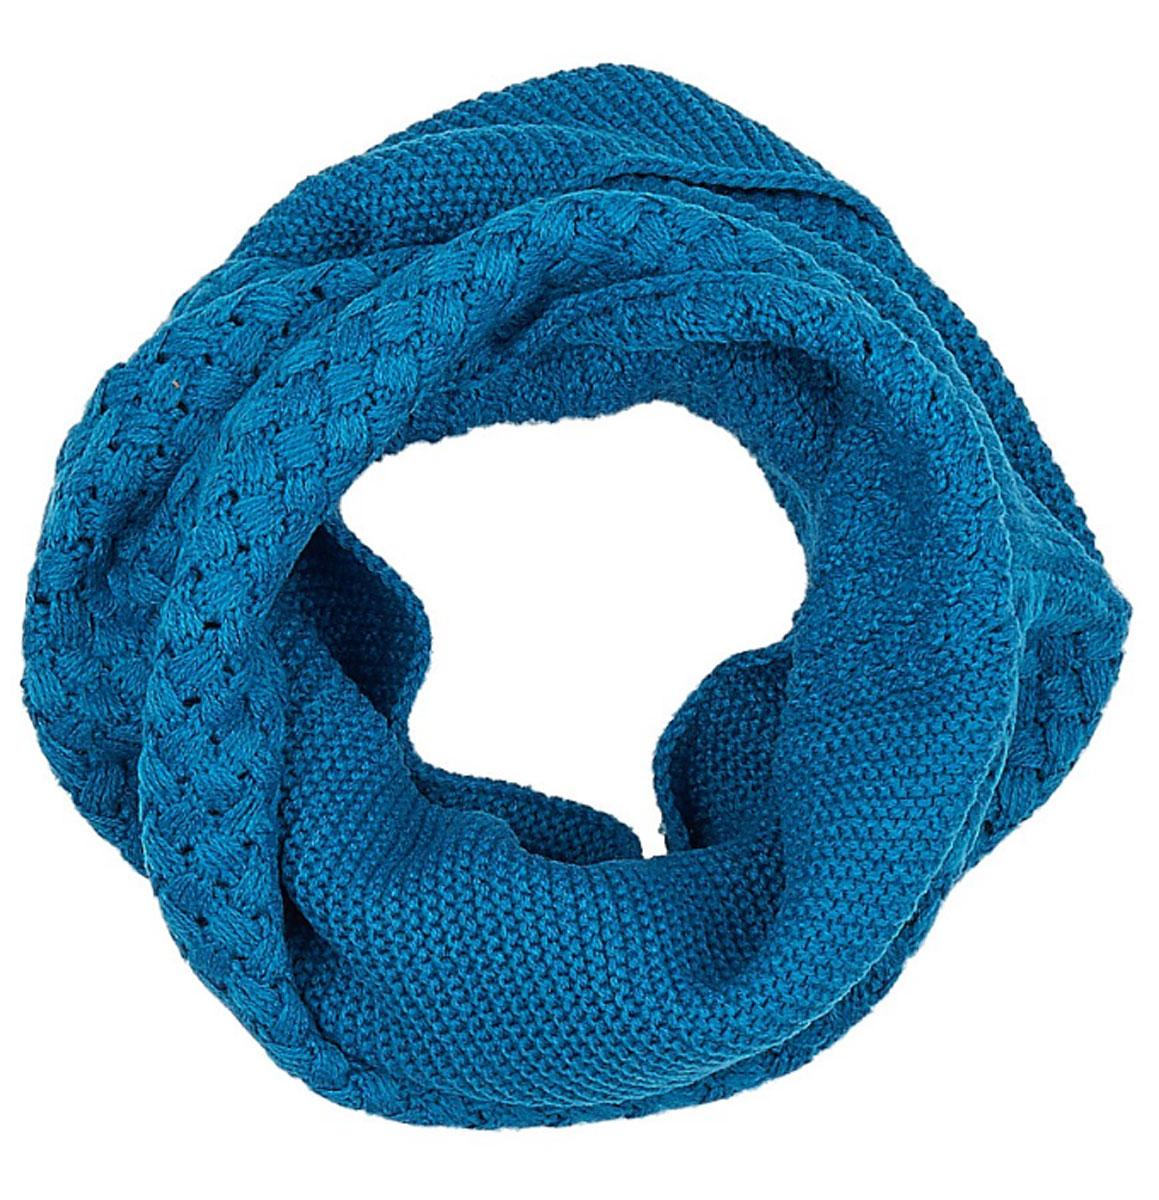 Снуд-хомут женский Eleganzza, цвет: синий, серый. DB33-6403-12. Размер 32 см х 130 смDB33-6403-12Женский вязаный снуд-хомут Eleganzza станет отличным дополнением к гардеробу в холодную погоду. Изготовленный из высококачественной пряжи с содержанием шерсти и вискозы, он необычайно мягкий и приятный на ощупь, максимально сохраняет тепло.Изделие представляет собой объемный шарф, связанный по кругу. Модель оформлена вязаным узором. Модный аксессуар гармонично дополнит образ современной женщины, следящей за своим имиджем и стремящейся всегда оставаться стильной.